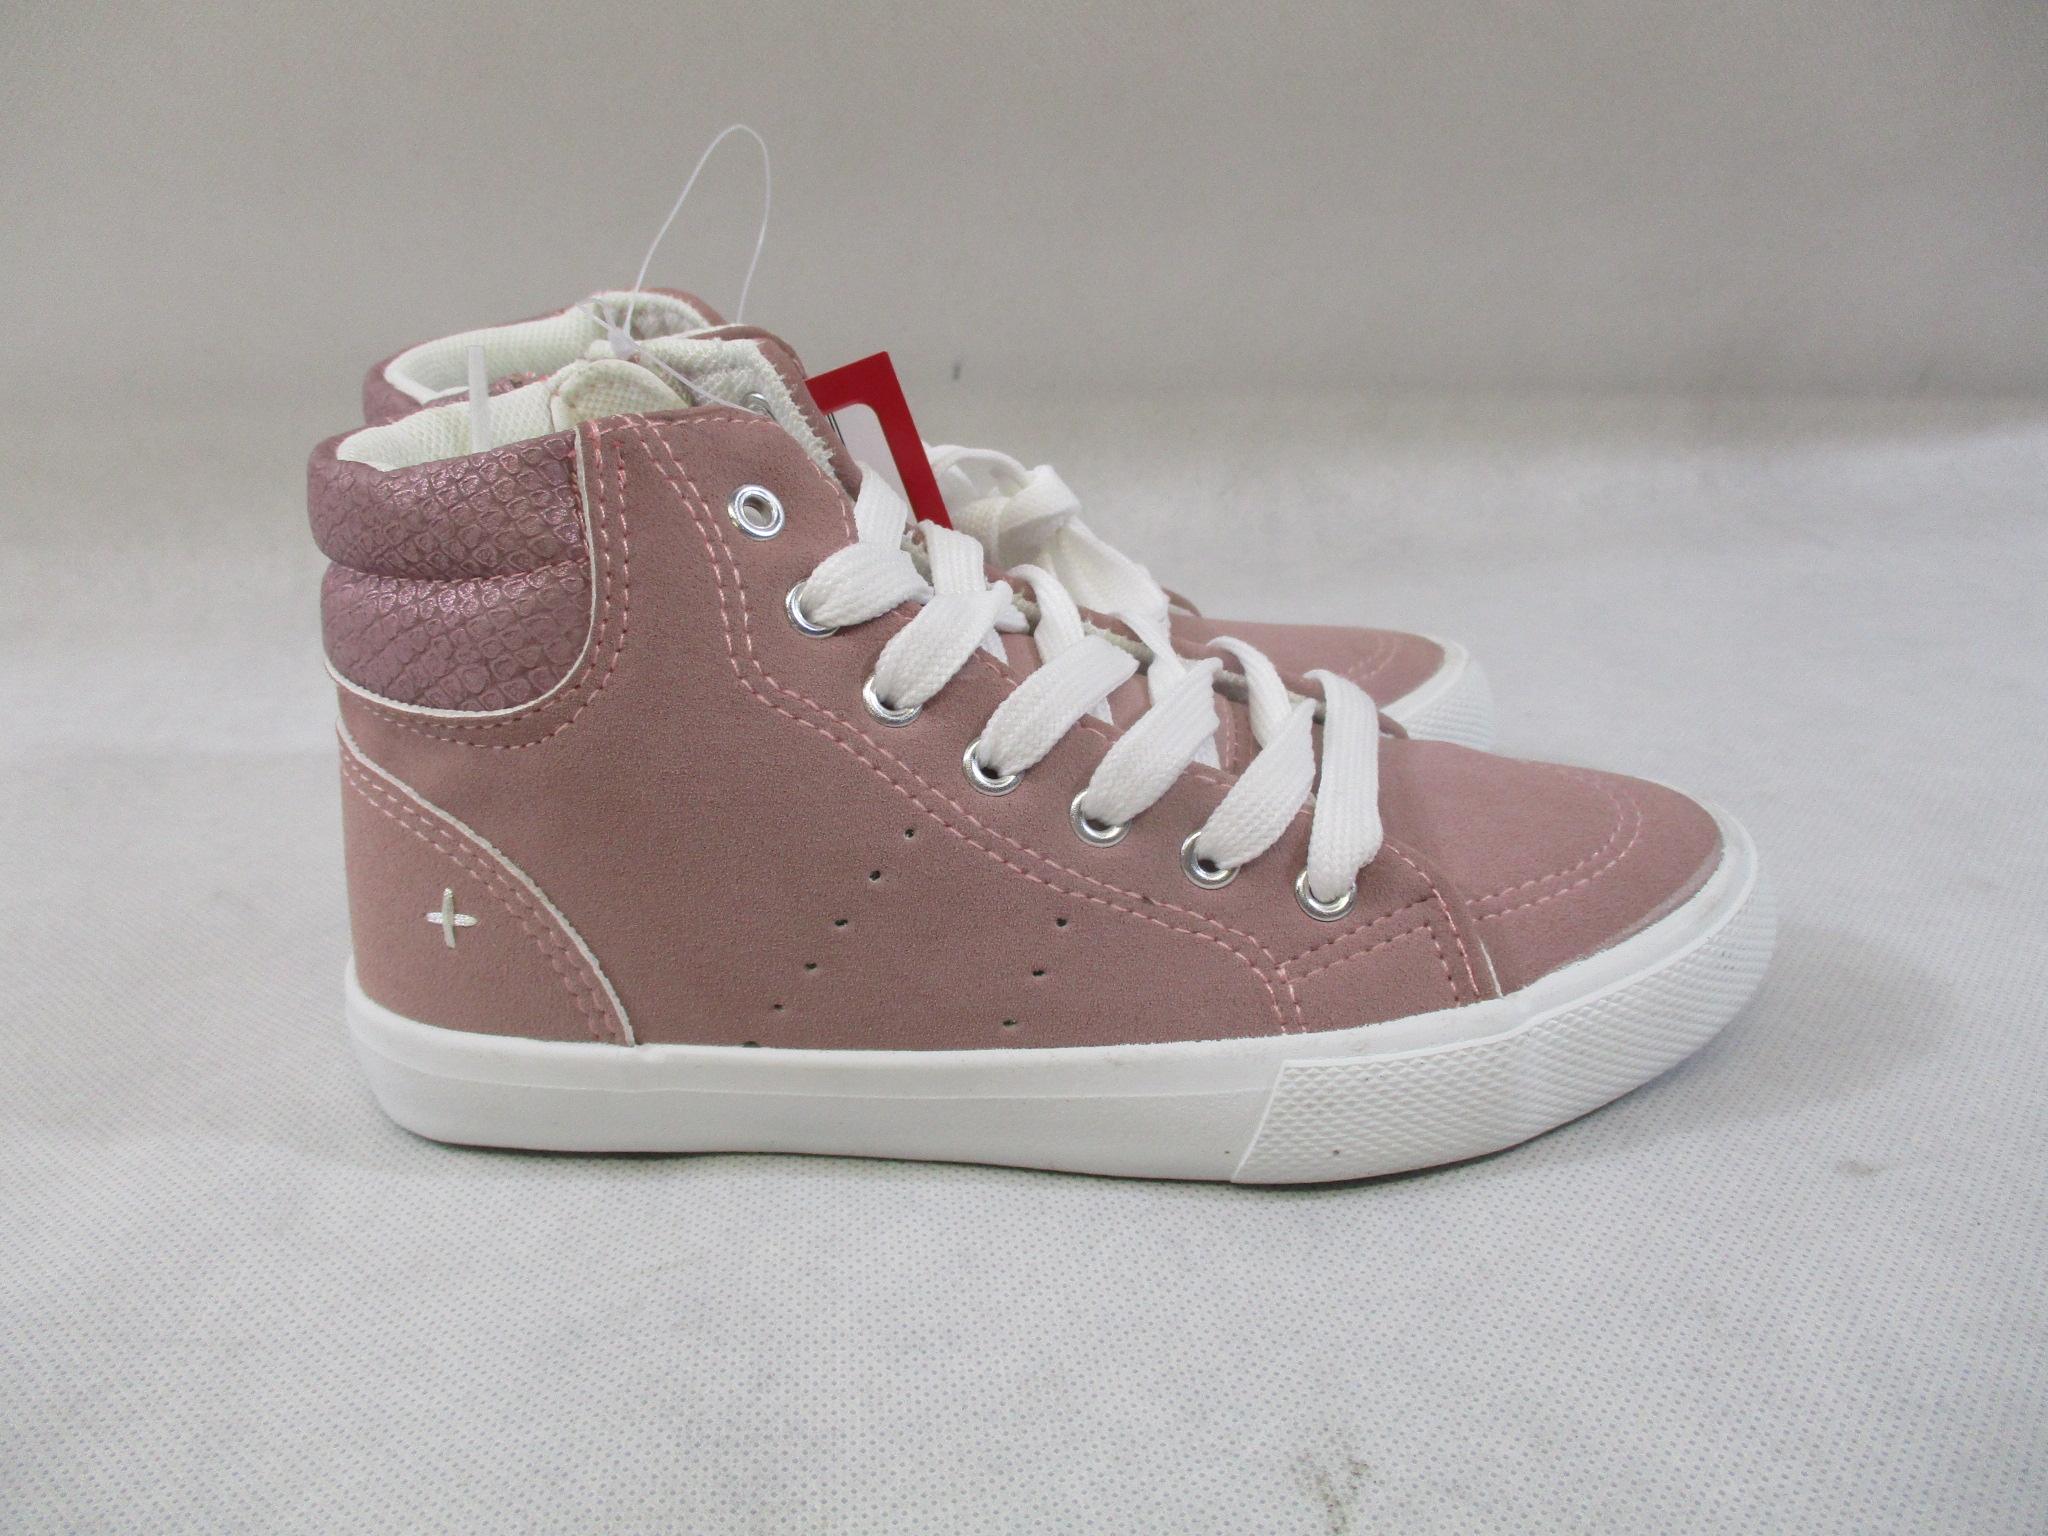 Trampki sneakersy dla dziewczynki różowe 35